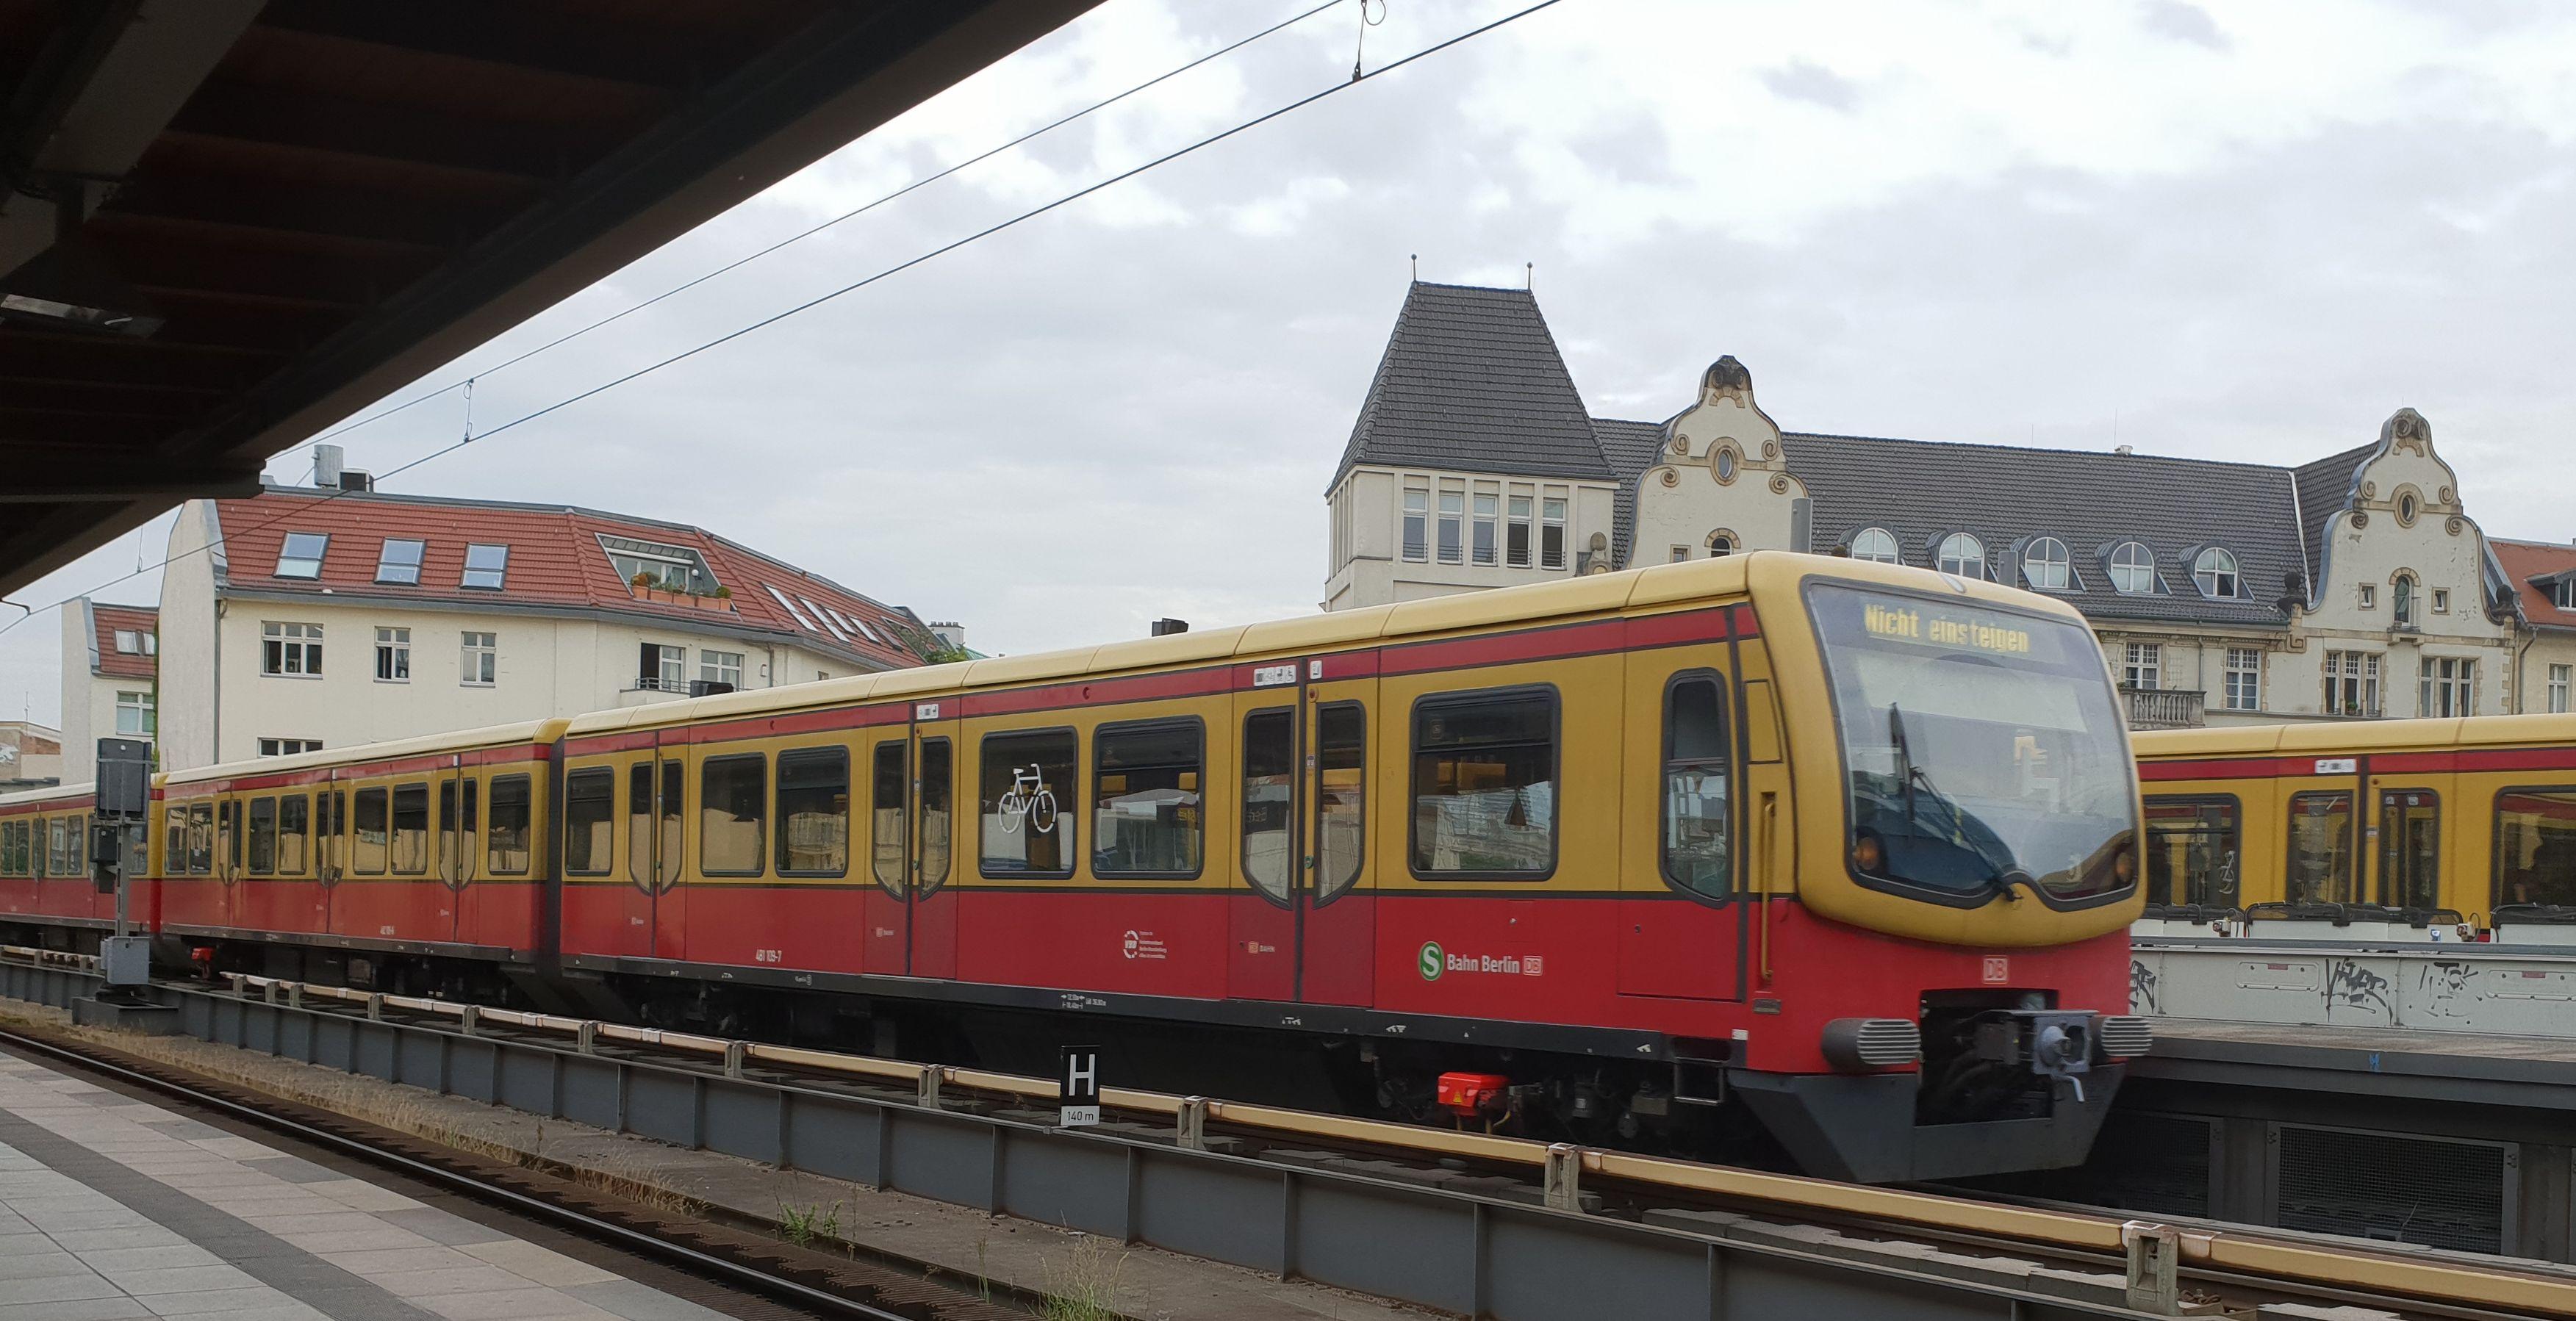 Foto:S-Bahn 481 109, Baureihe481/482, Friedrichstr., 2018